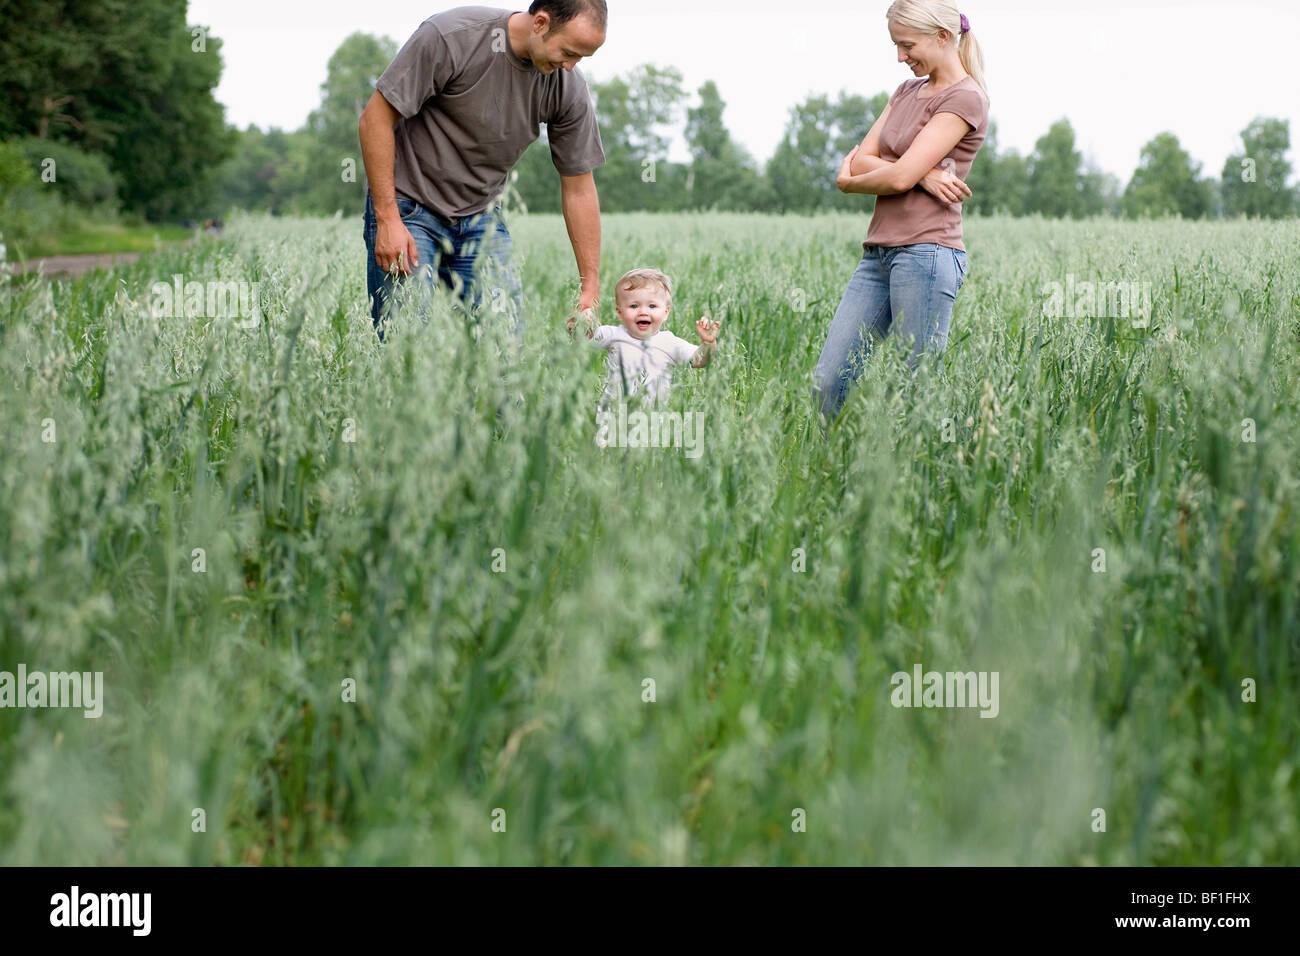 Dos padres jugando con su hija en un campo Imagen De Stock